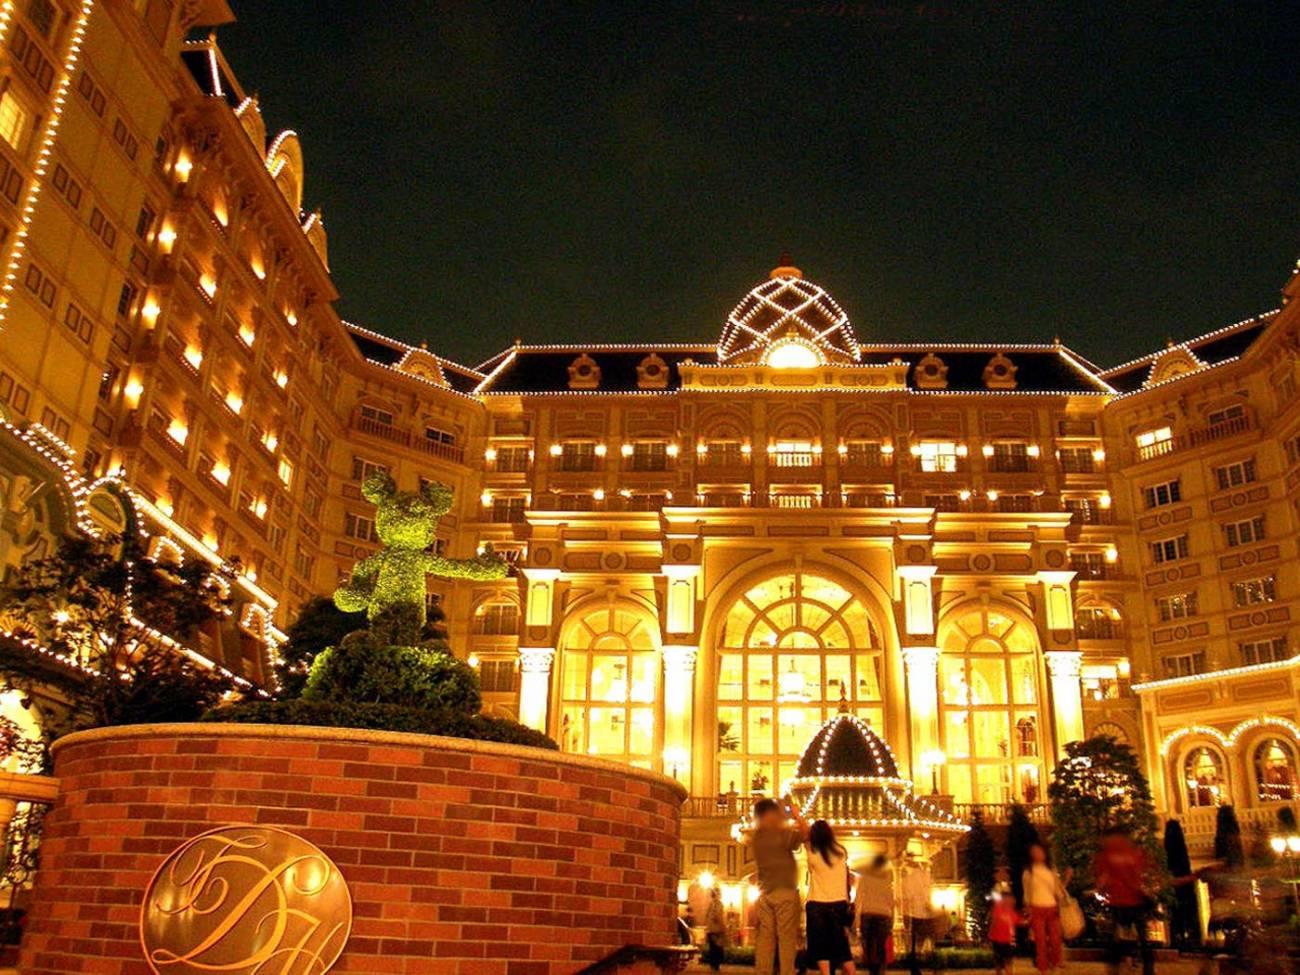 ディズニーホテルの予約方法が変更に。バケパ優先でホテルのみは予約し